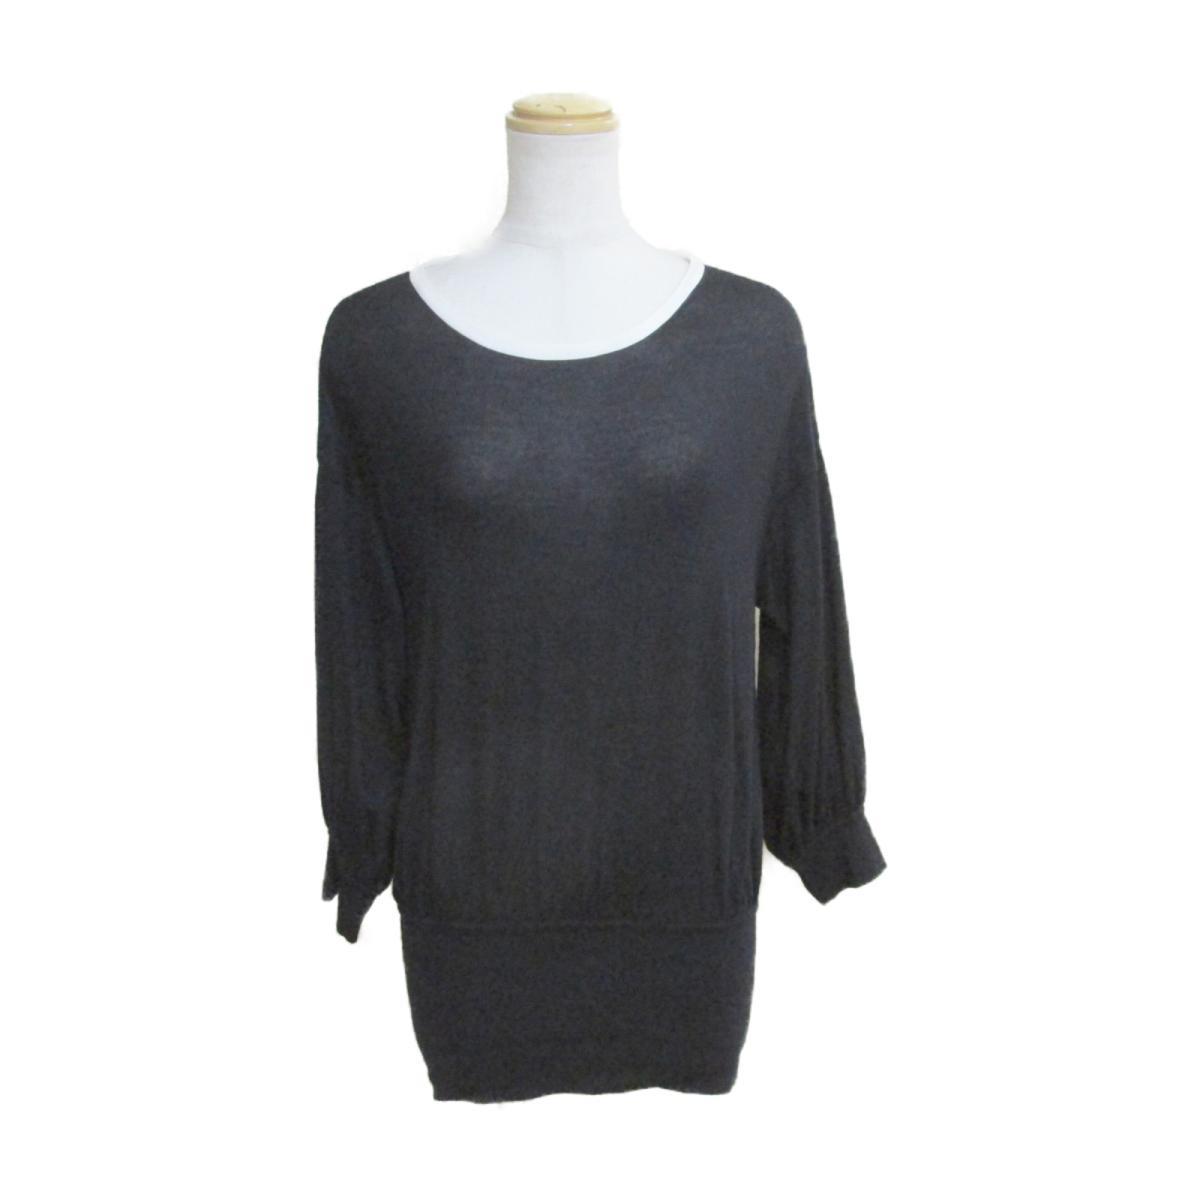 【中古】 シャネル ニット レディース カシミヤ100% ブラック x ホワイト (P42967K04362) | CHANEL BRANDOFF ブランドオフ 衣料品 衣類 ブランド